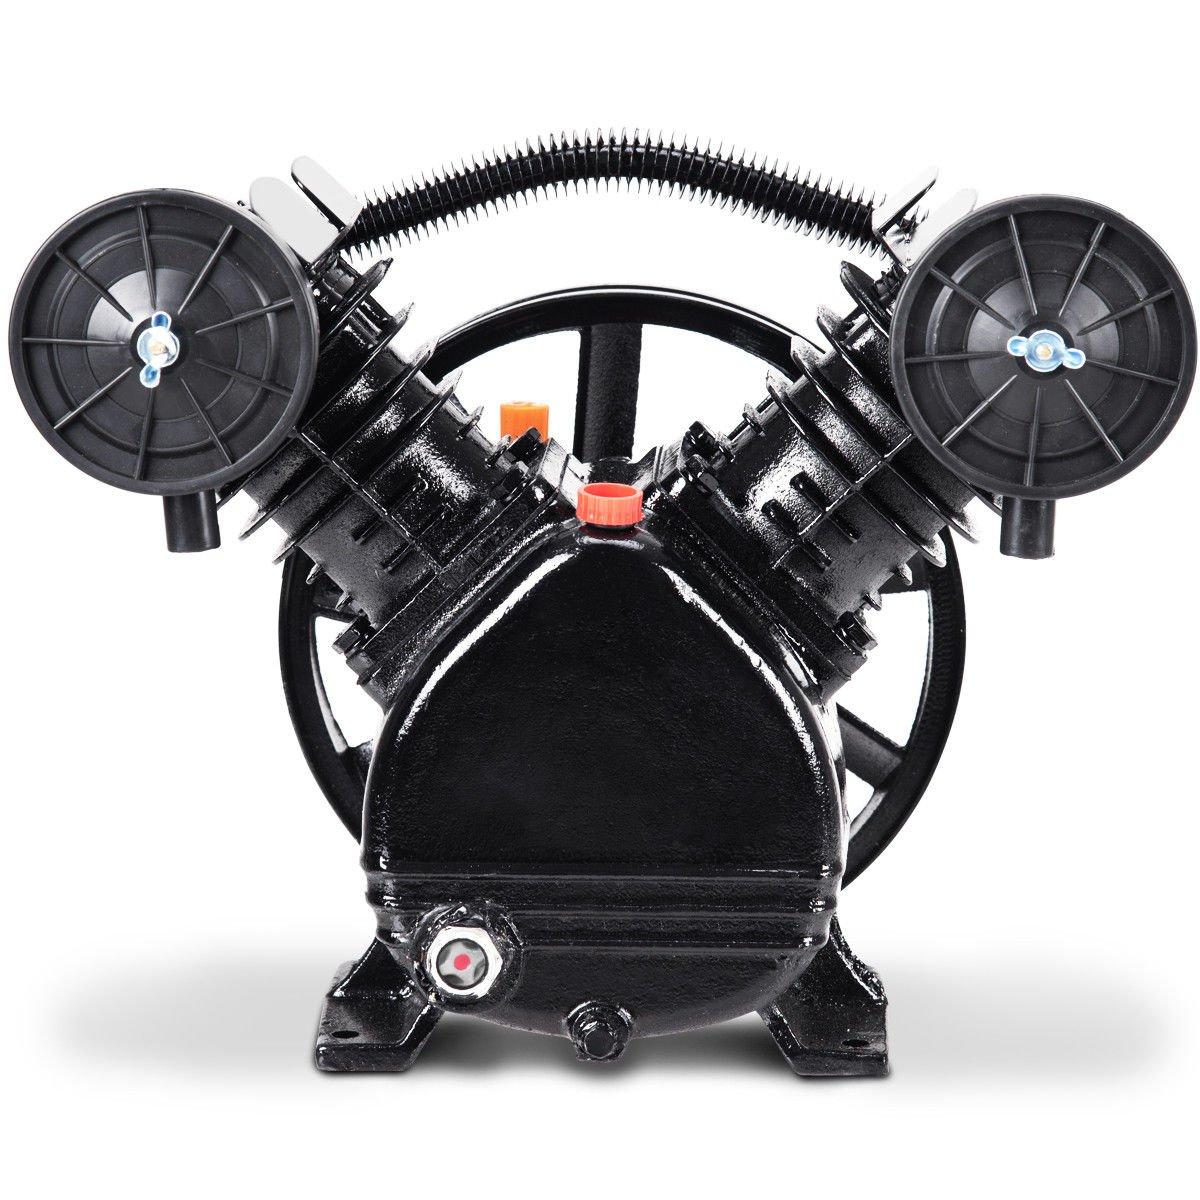 Cabeçote compressor unidade completo 10 pés 140psi em V